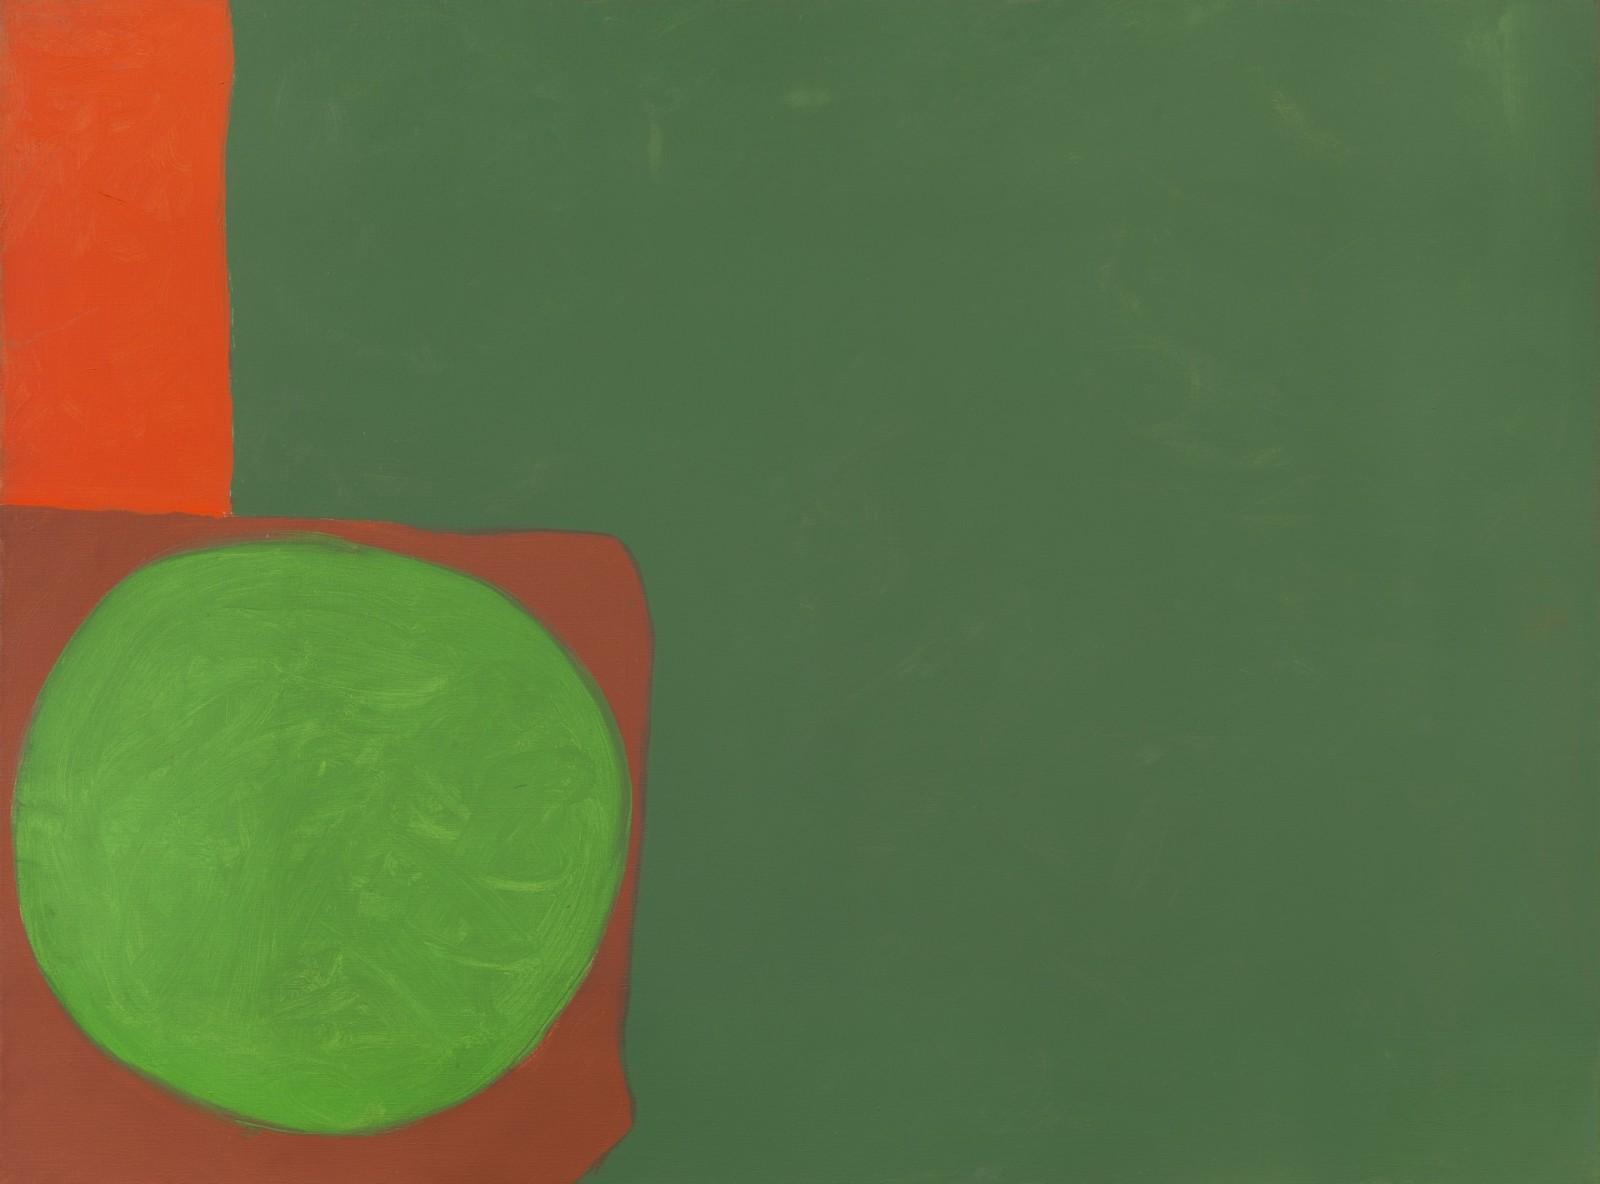 Patrick Heron - Mainly greens : 13 May 1964 - Exhibited at the British Art Fair 2019